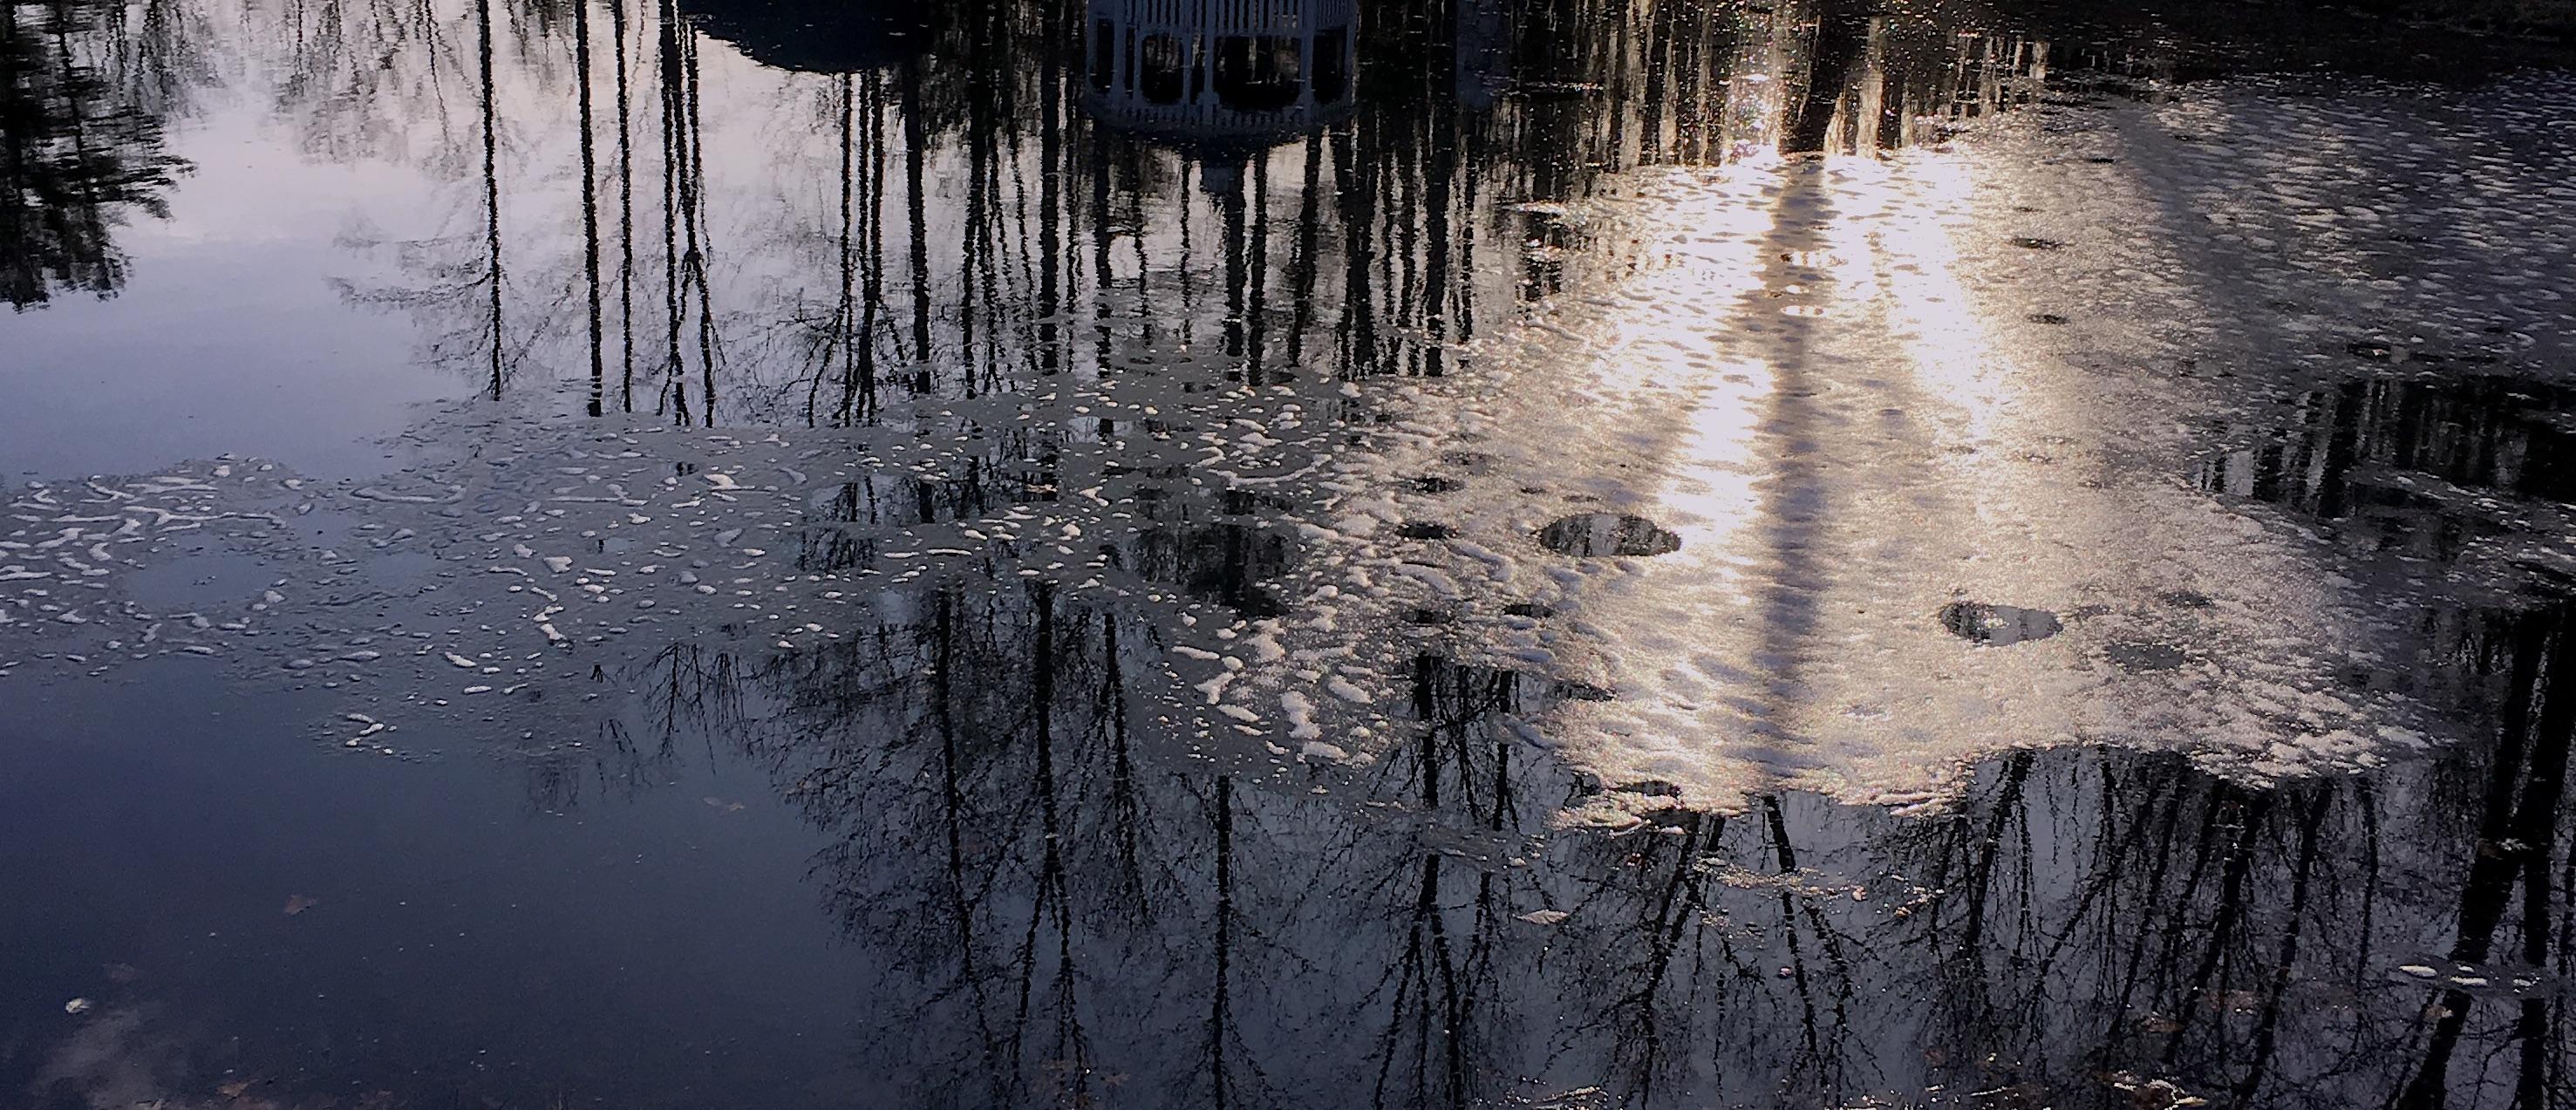 pond shimmer